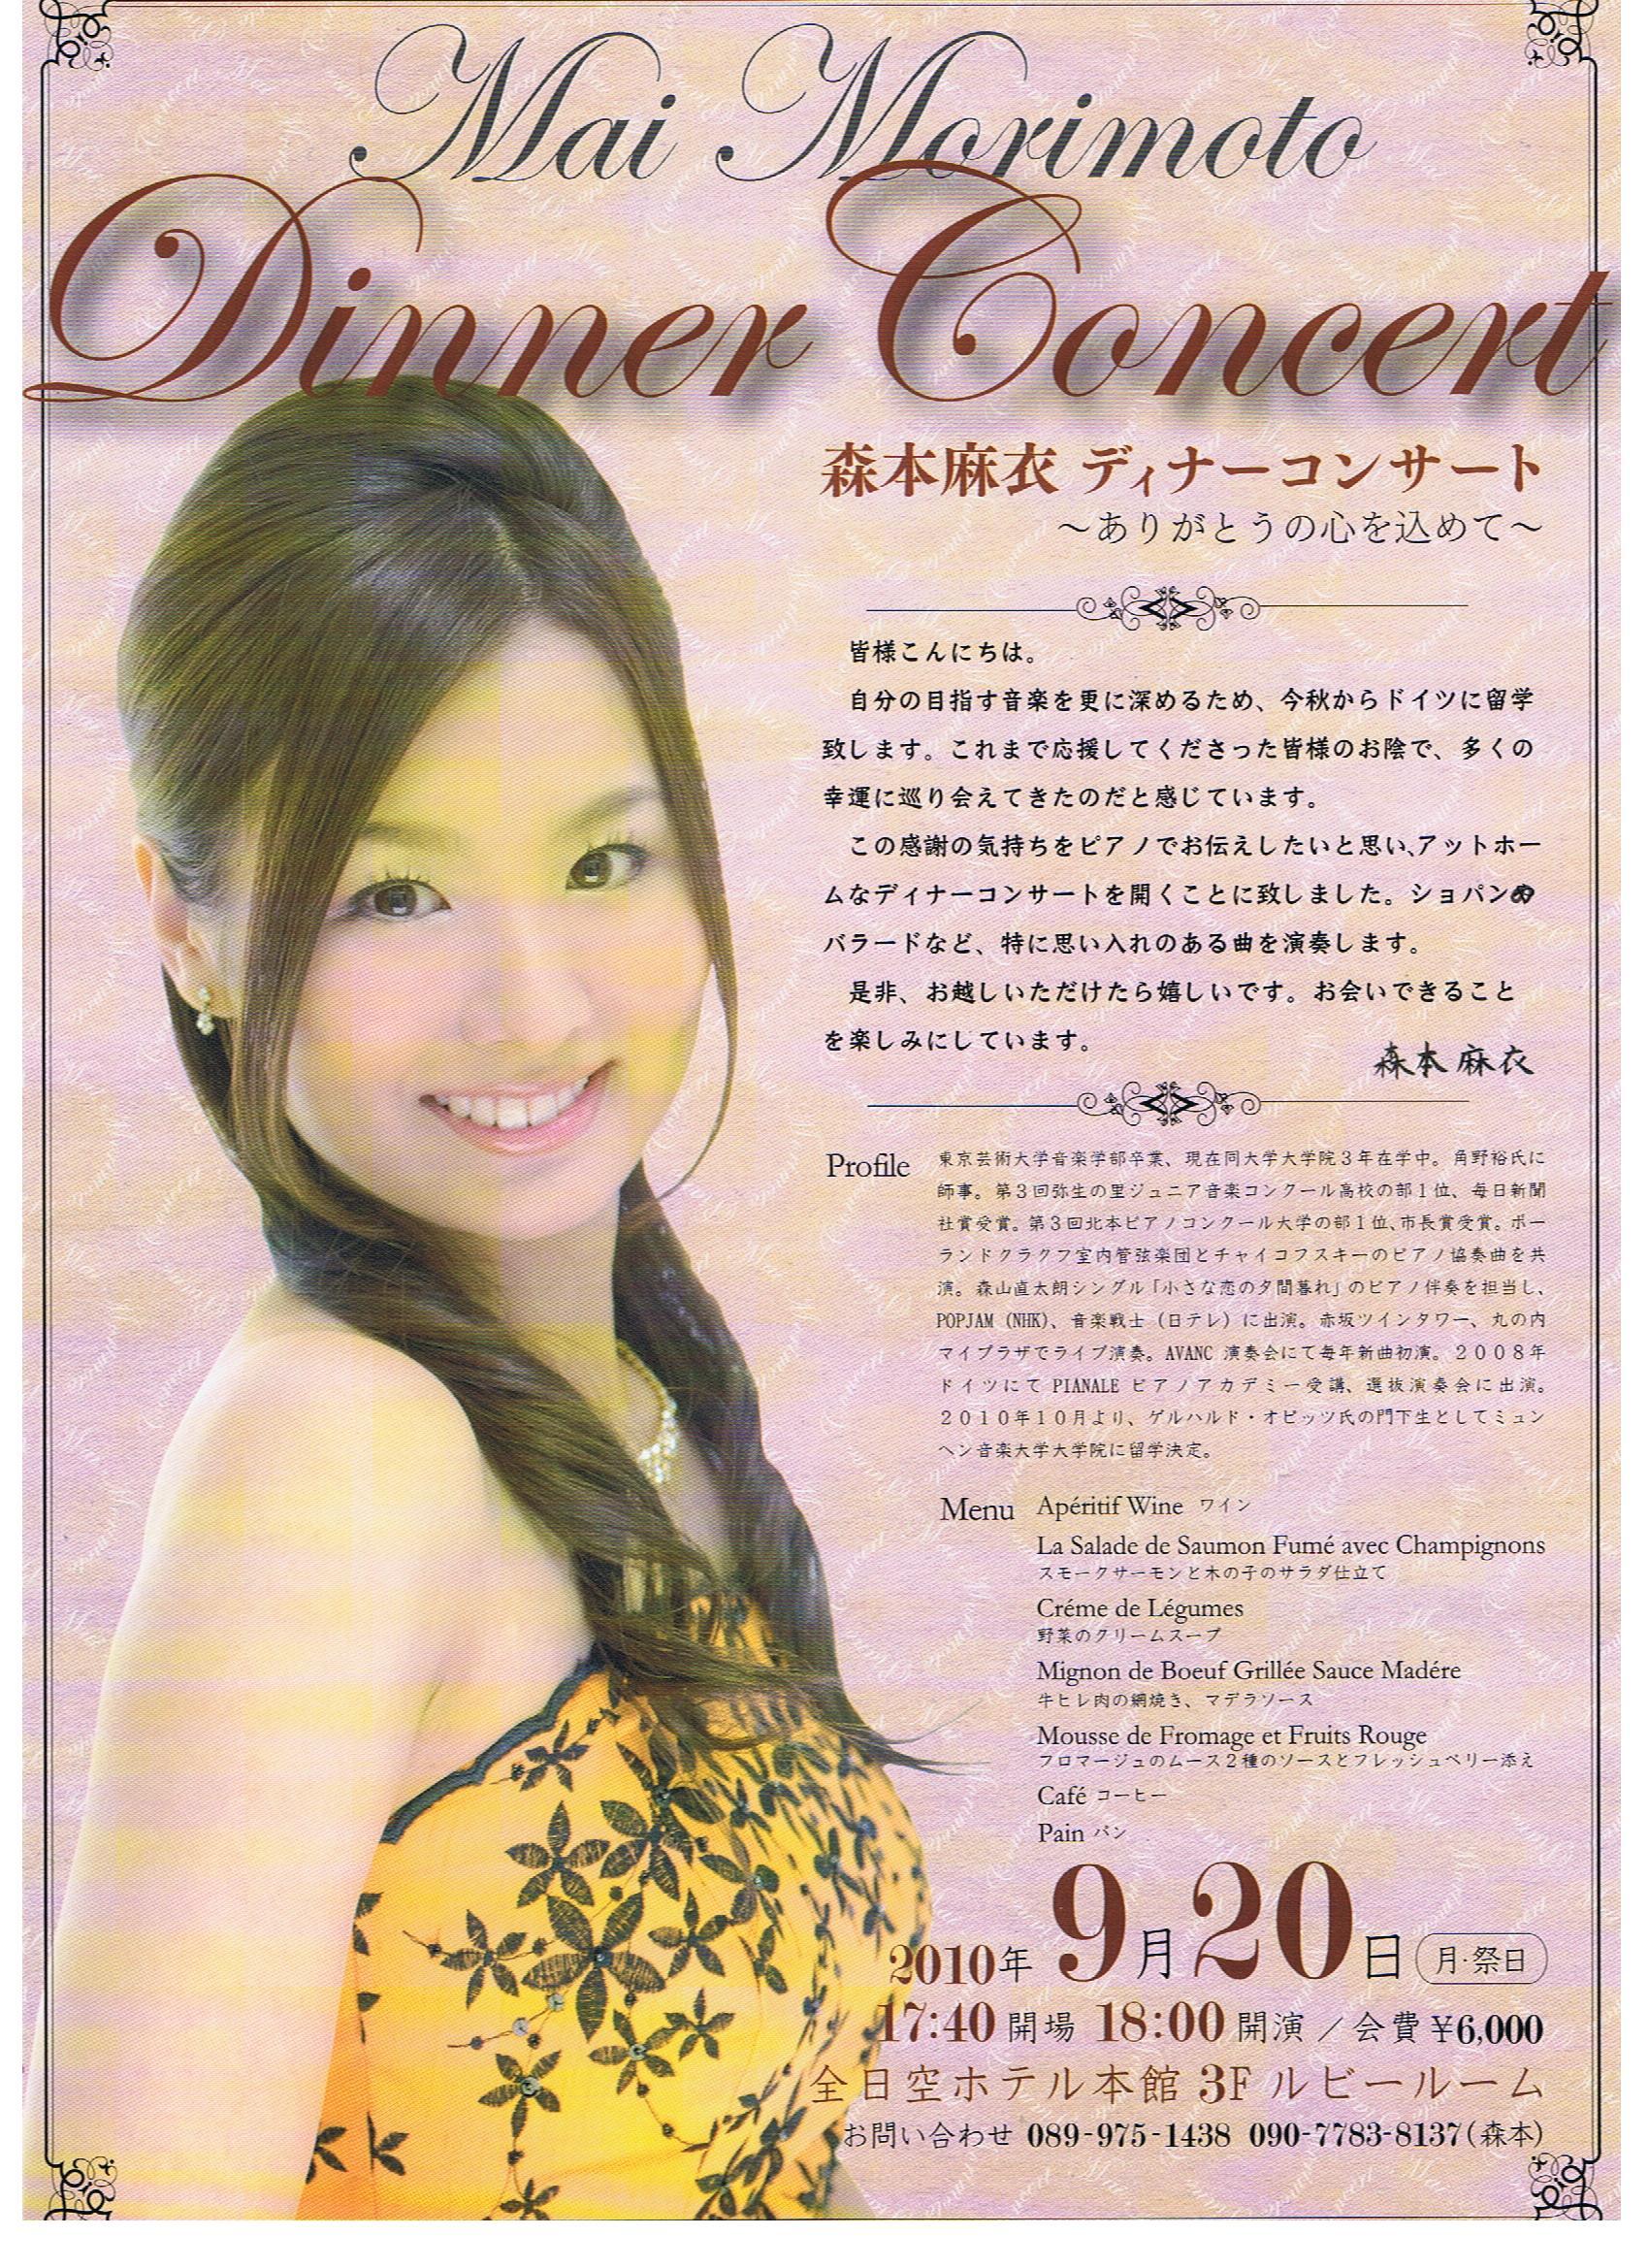 ディナーコンサート チラシ